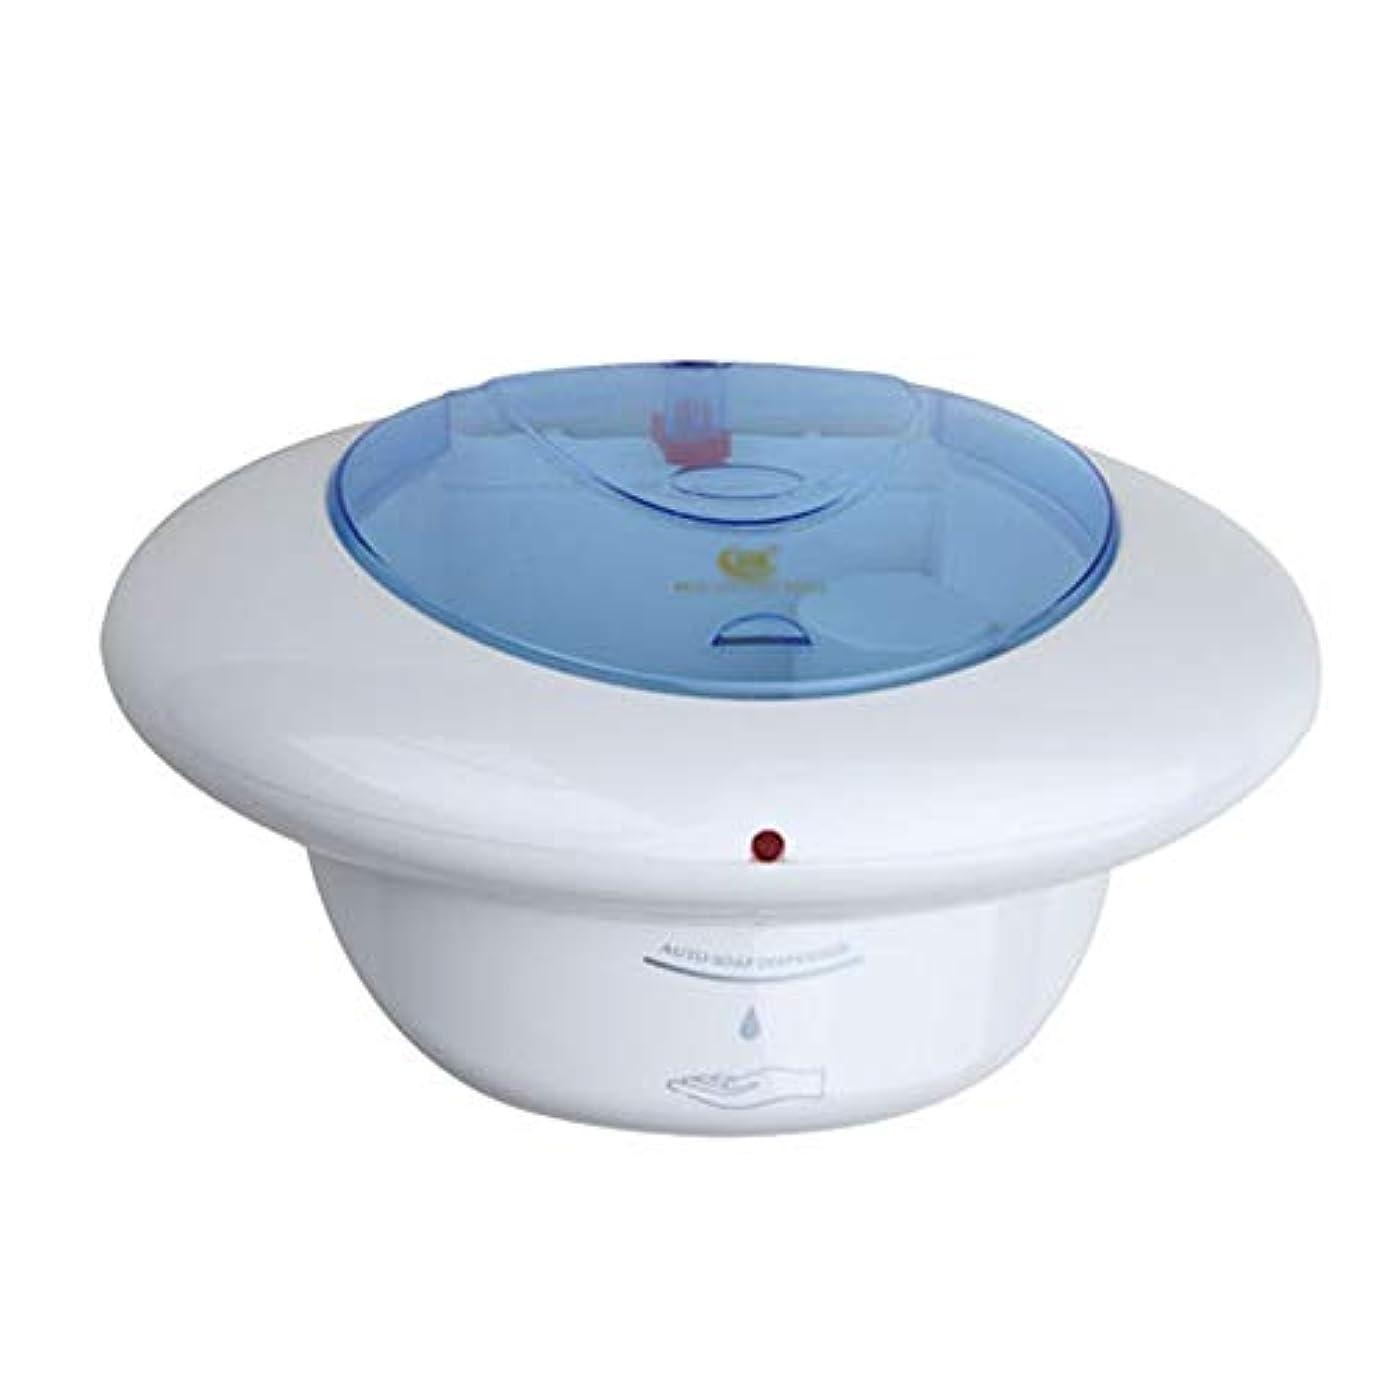 百万極地盲目ソープディスペンサー 700mlの容量赤外線検出壁掛け自動ソープディスペンサー ハンドソープ 食器用洗剤 キッチン 洗面所などに適用 (Color : White, Size : One size)